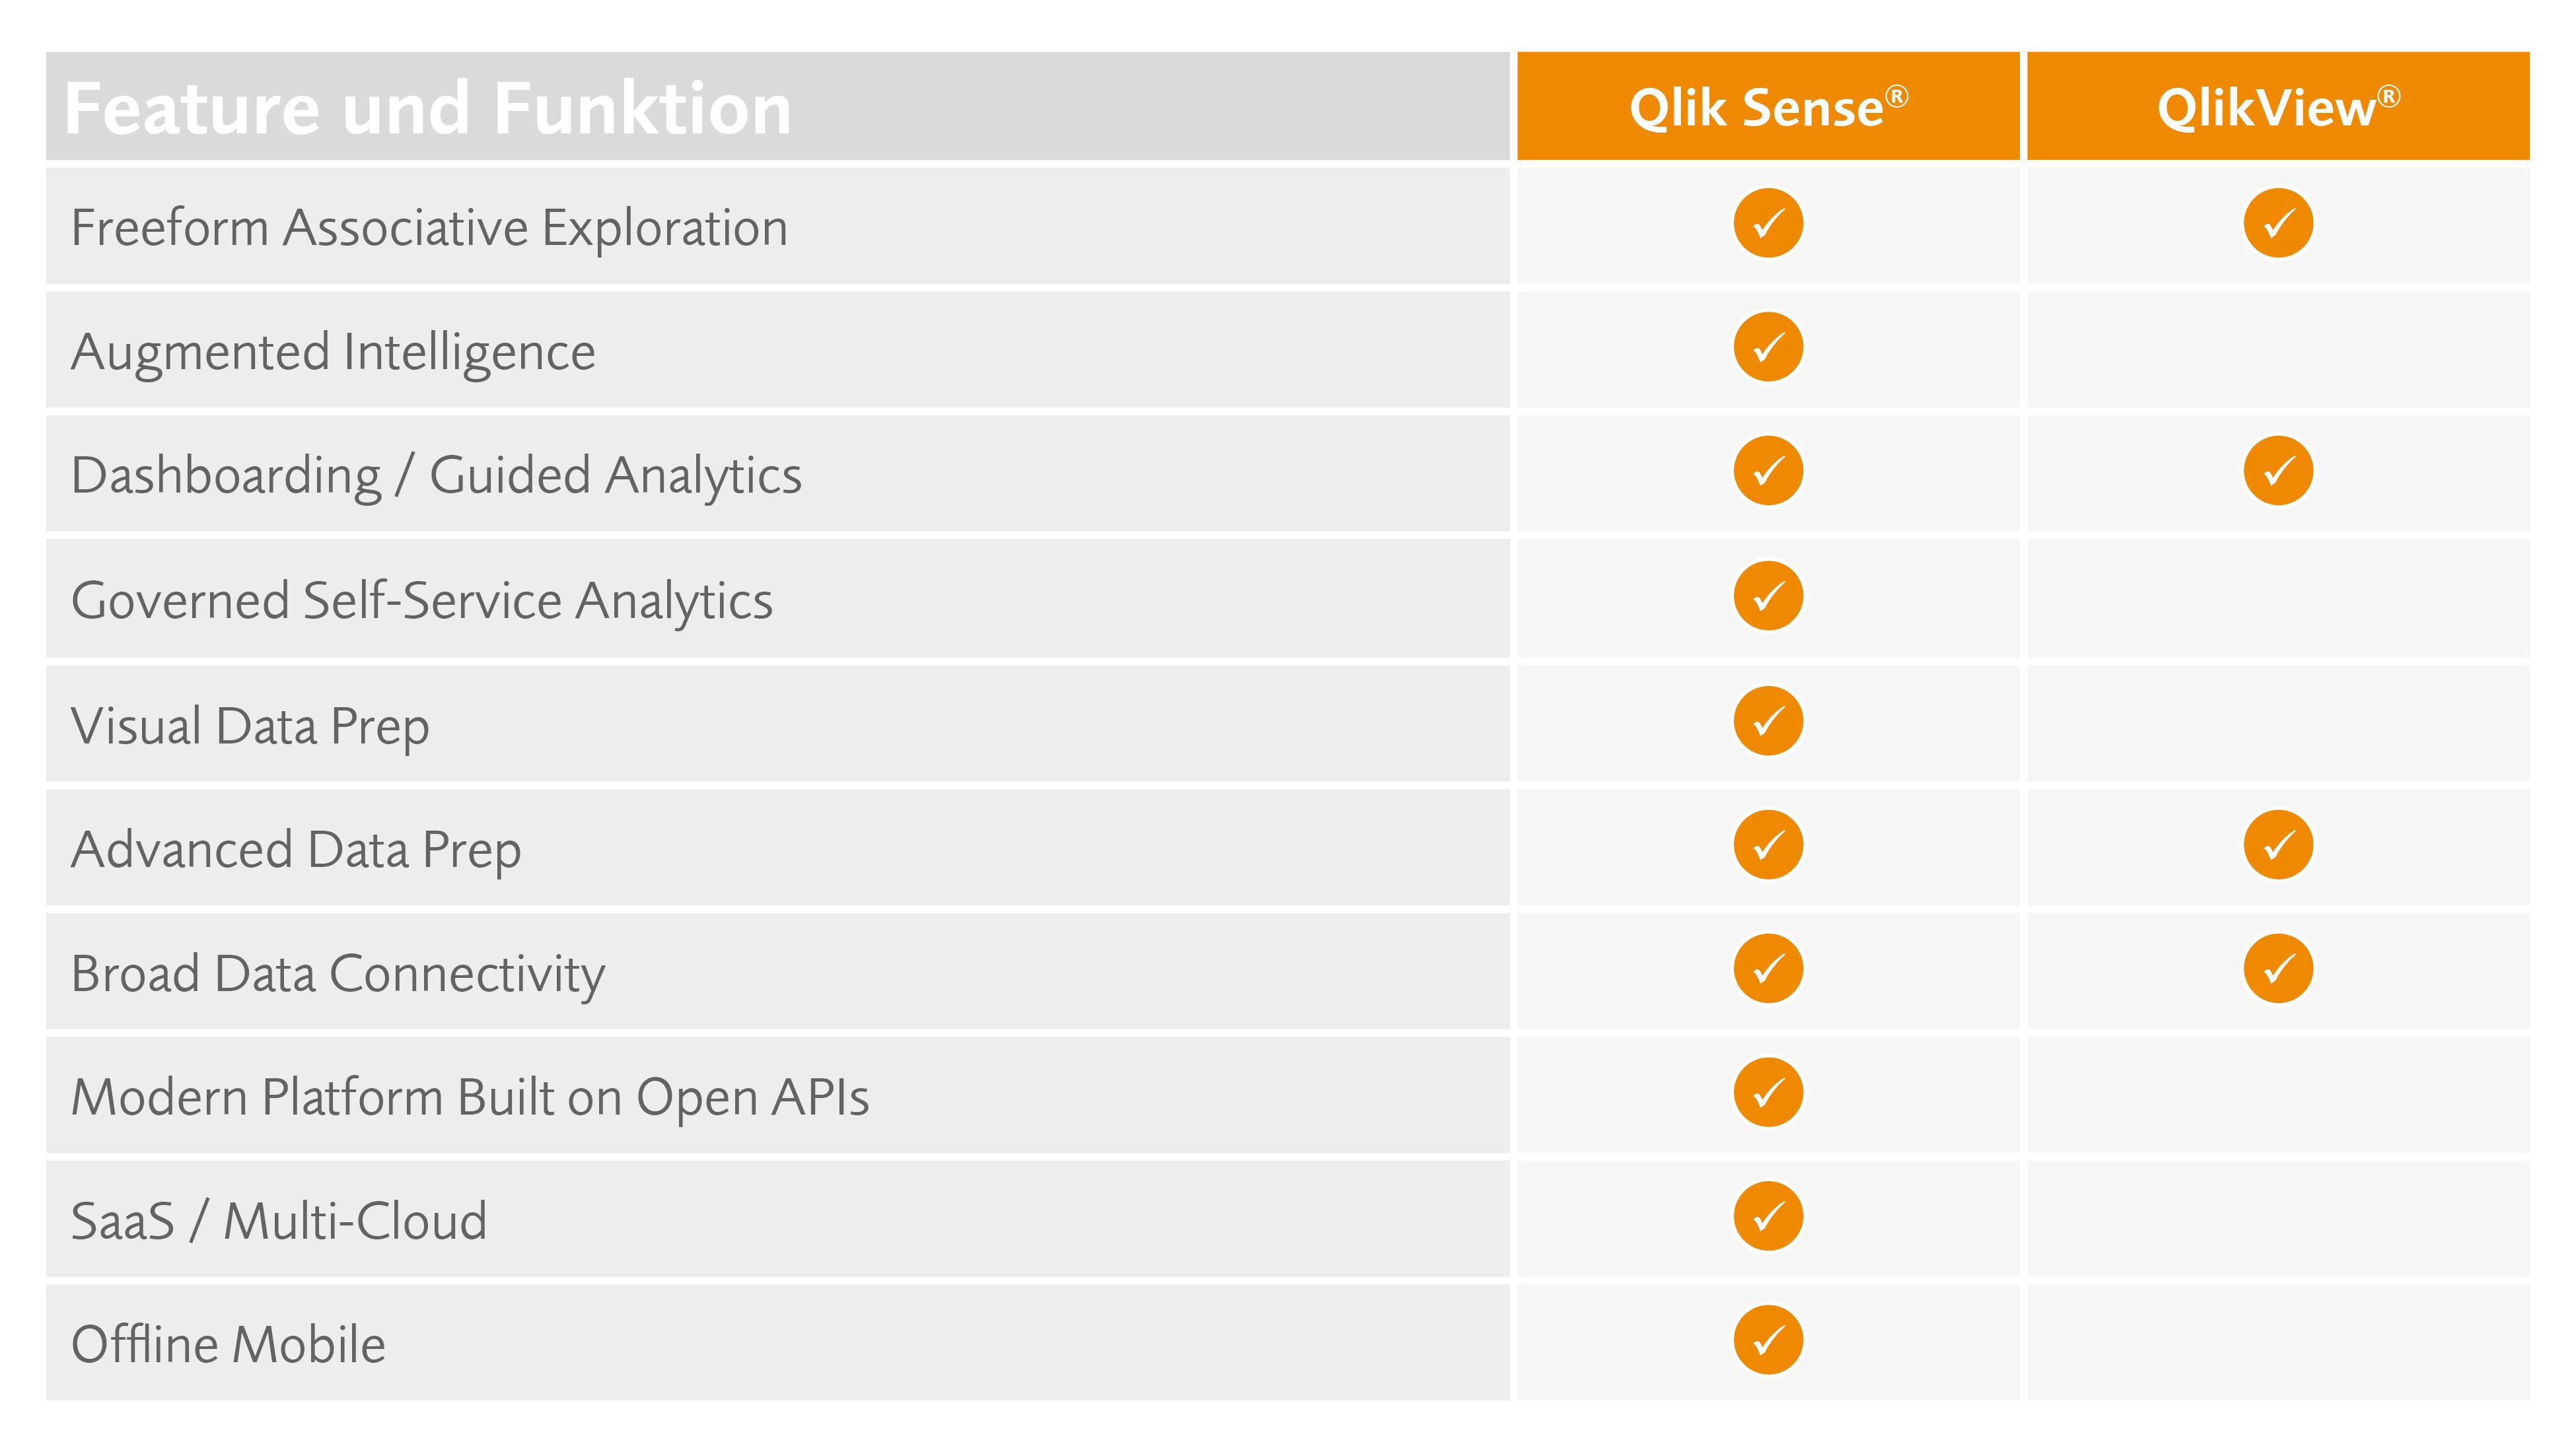 Übersicht Features und Funktionen von QlikView und Qlik Sense im Vergleich